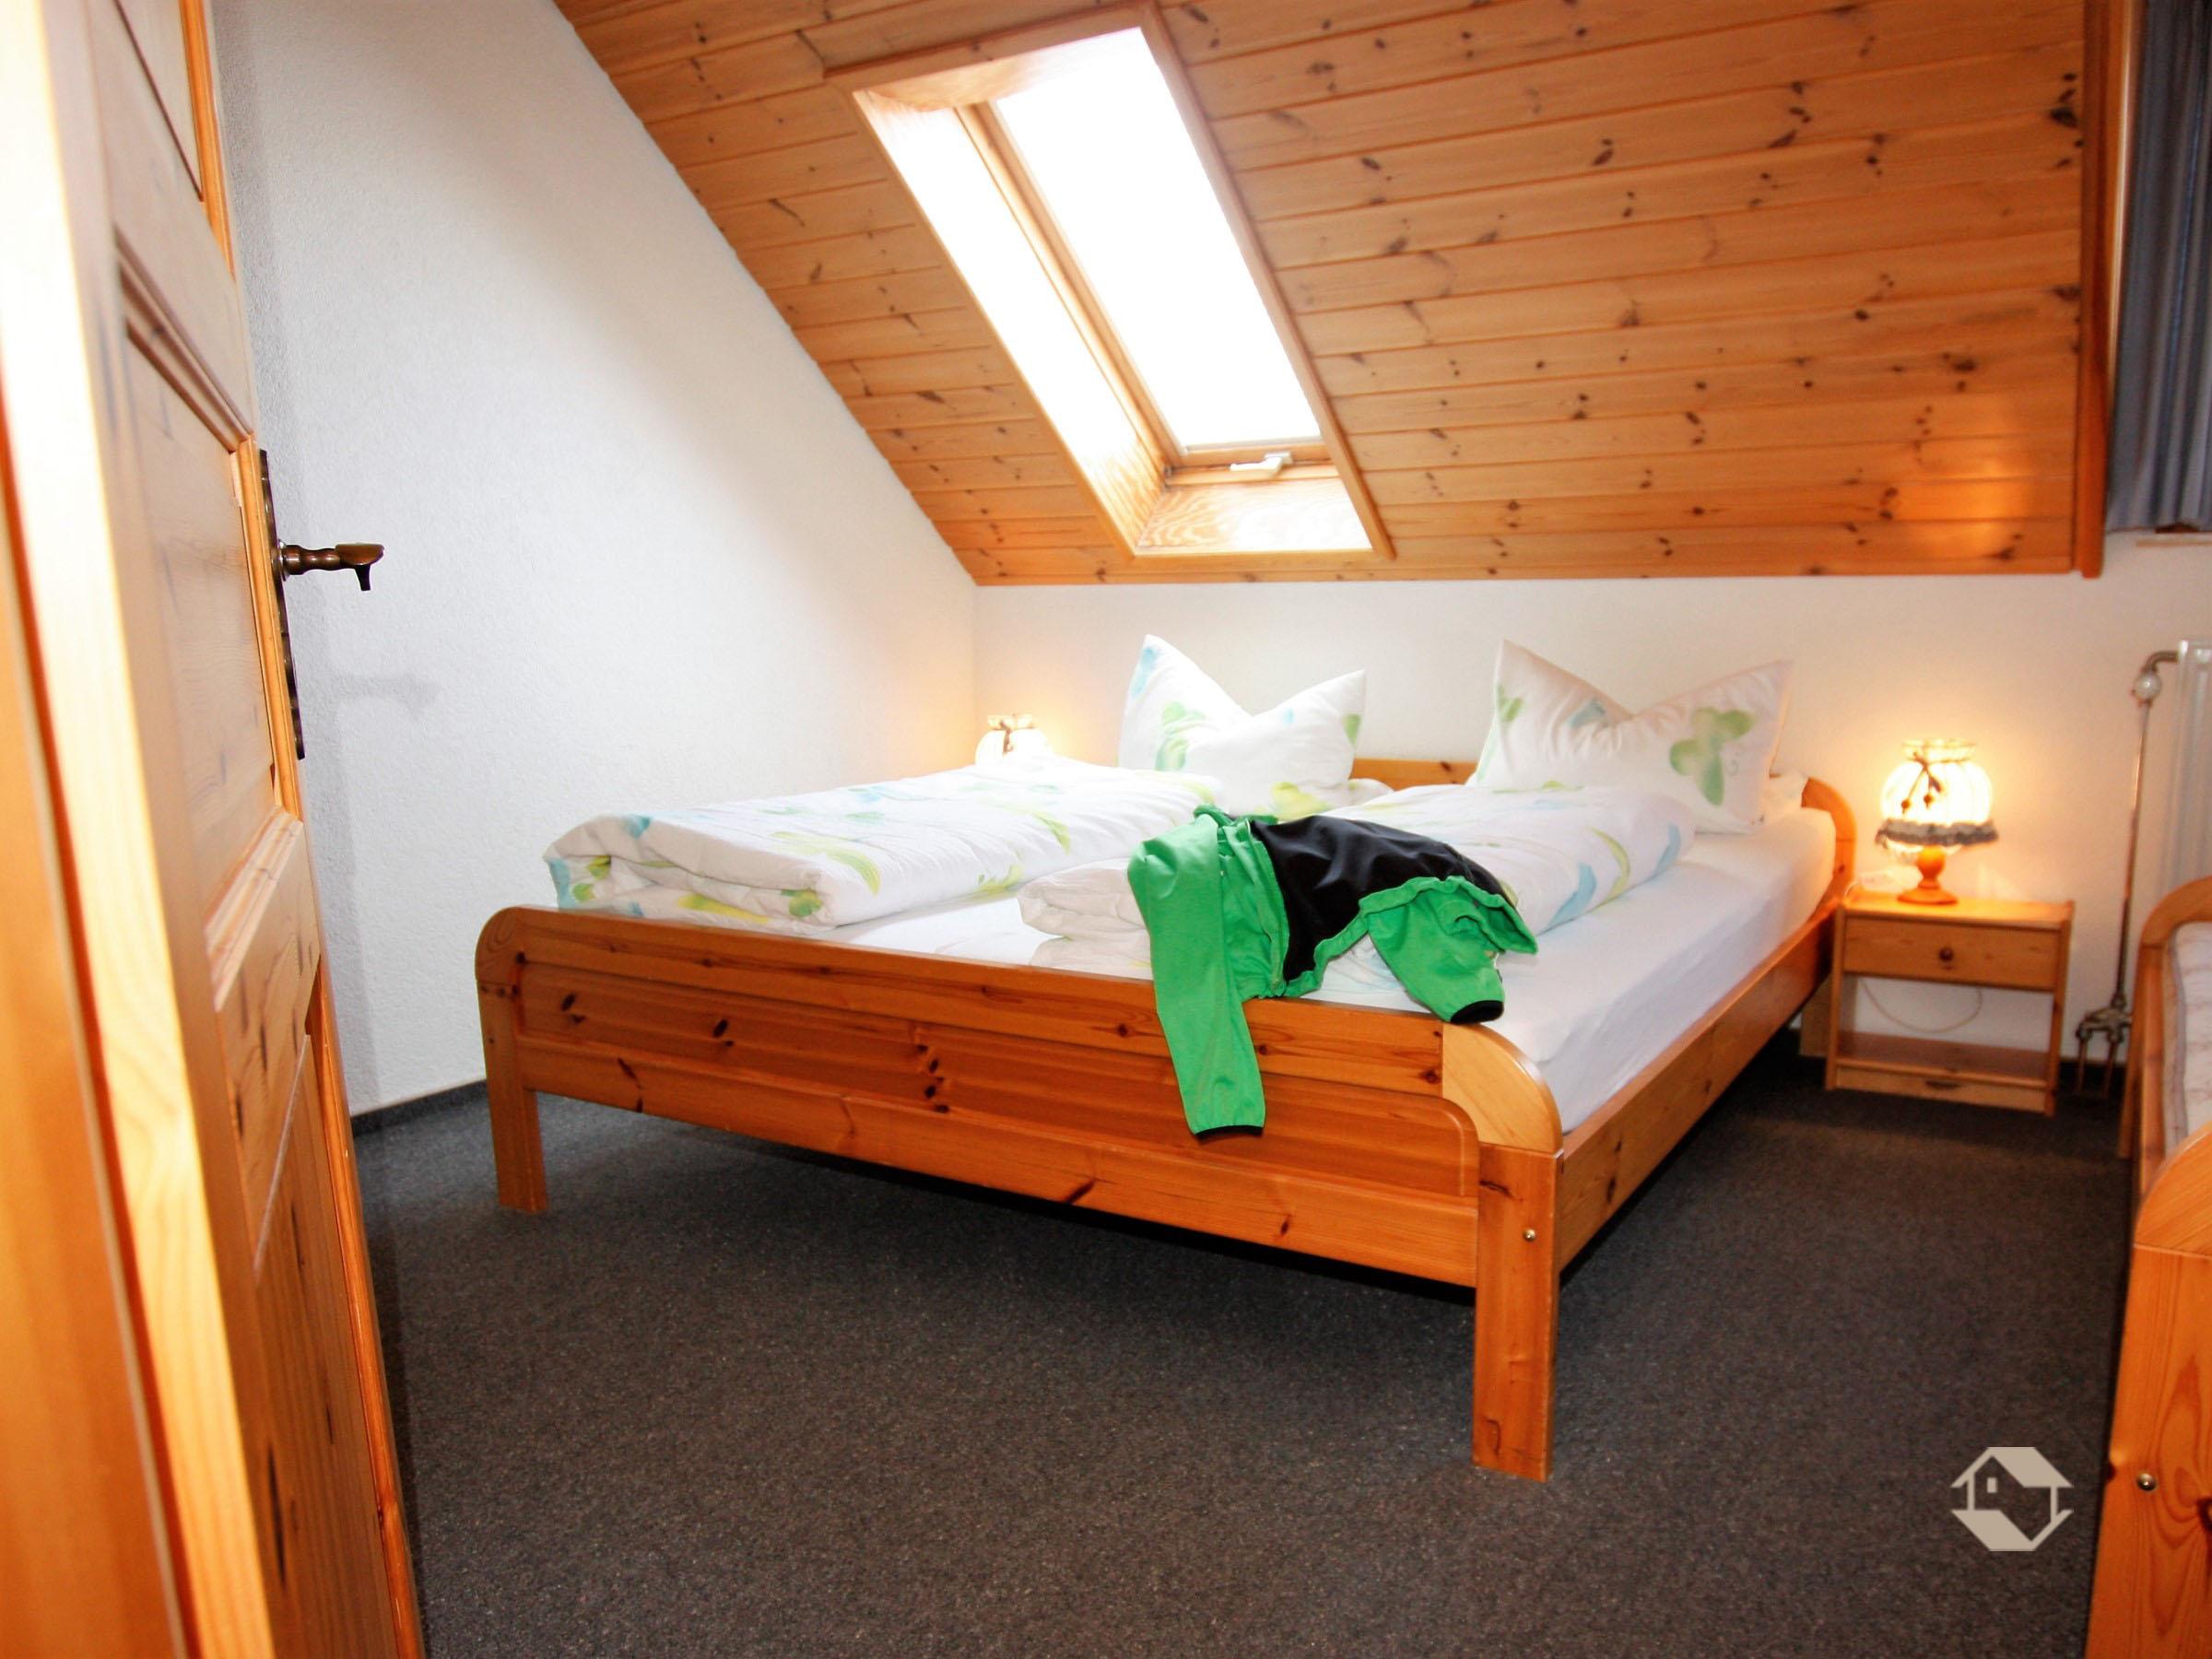 Ferienwohnung Haus Kandelblick, (Furtwangen). Ferienwohnung Feldbergblick, 70qm, 2 Schlafzimmer, 1 Wohn- (2717401), Furtwangen, Schwarzwald, Baden-Württemberg, Deutschland, Bild 21